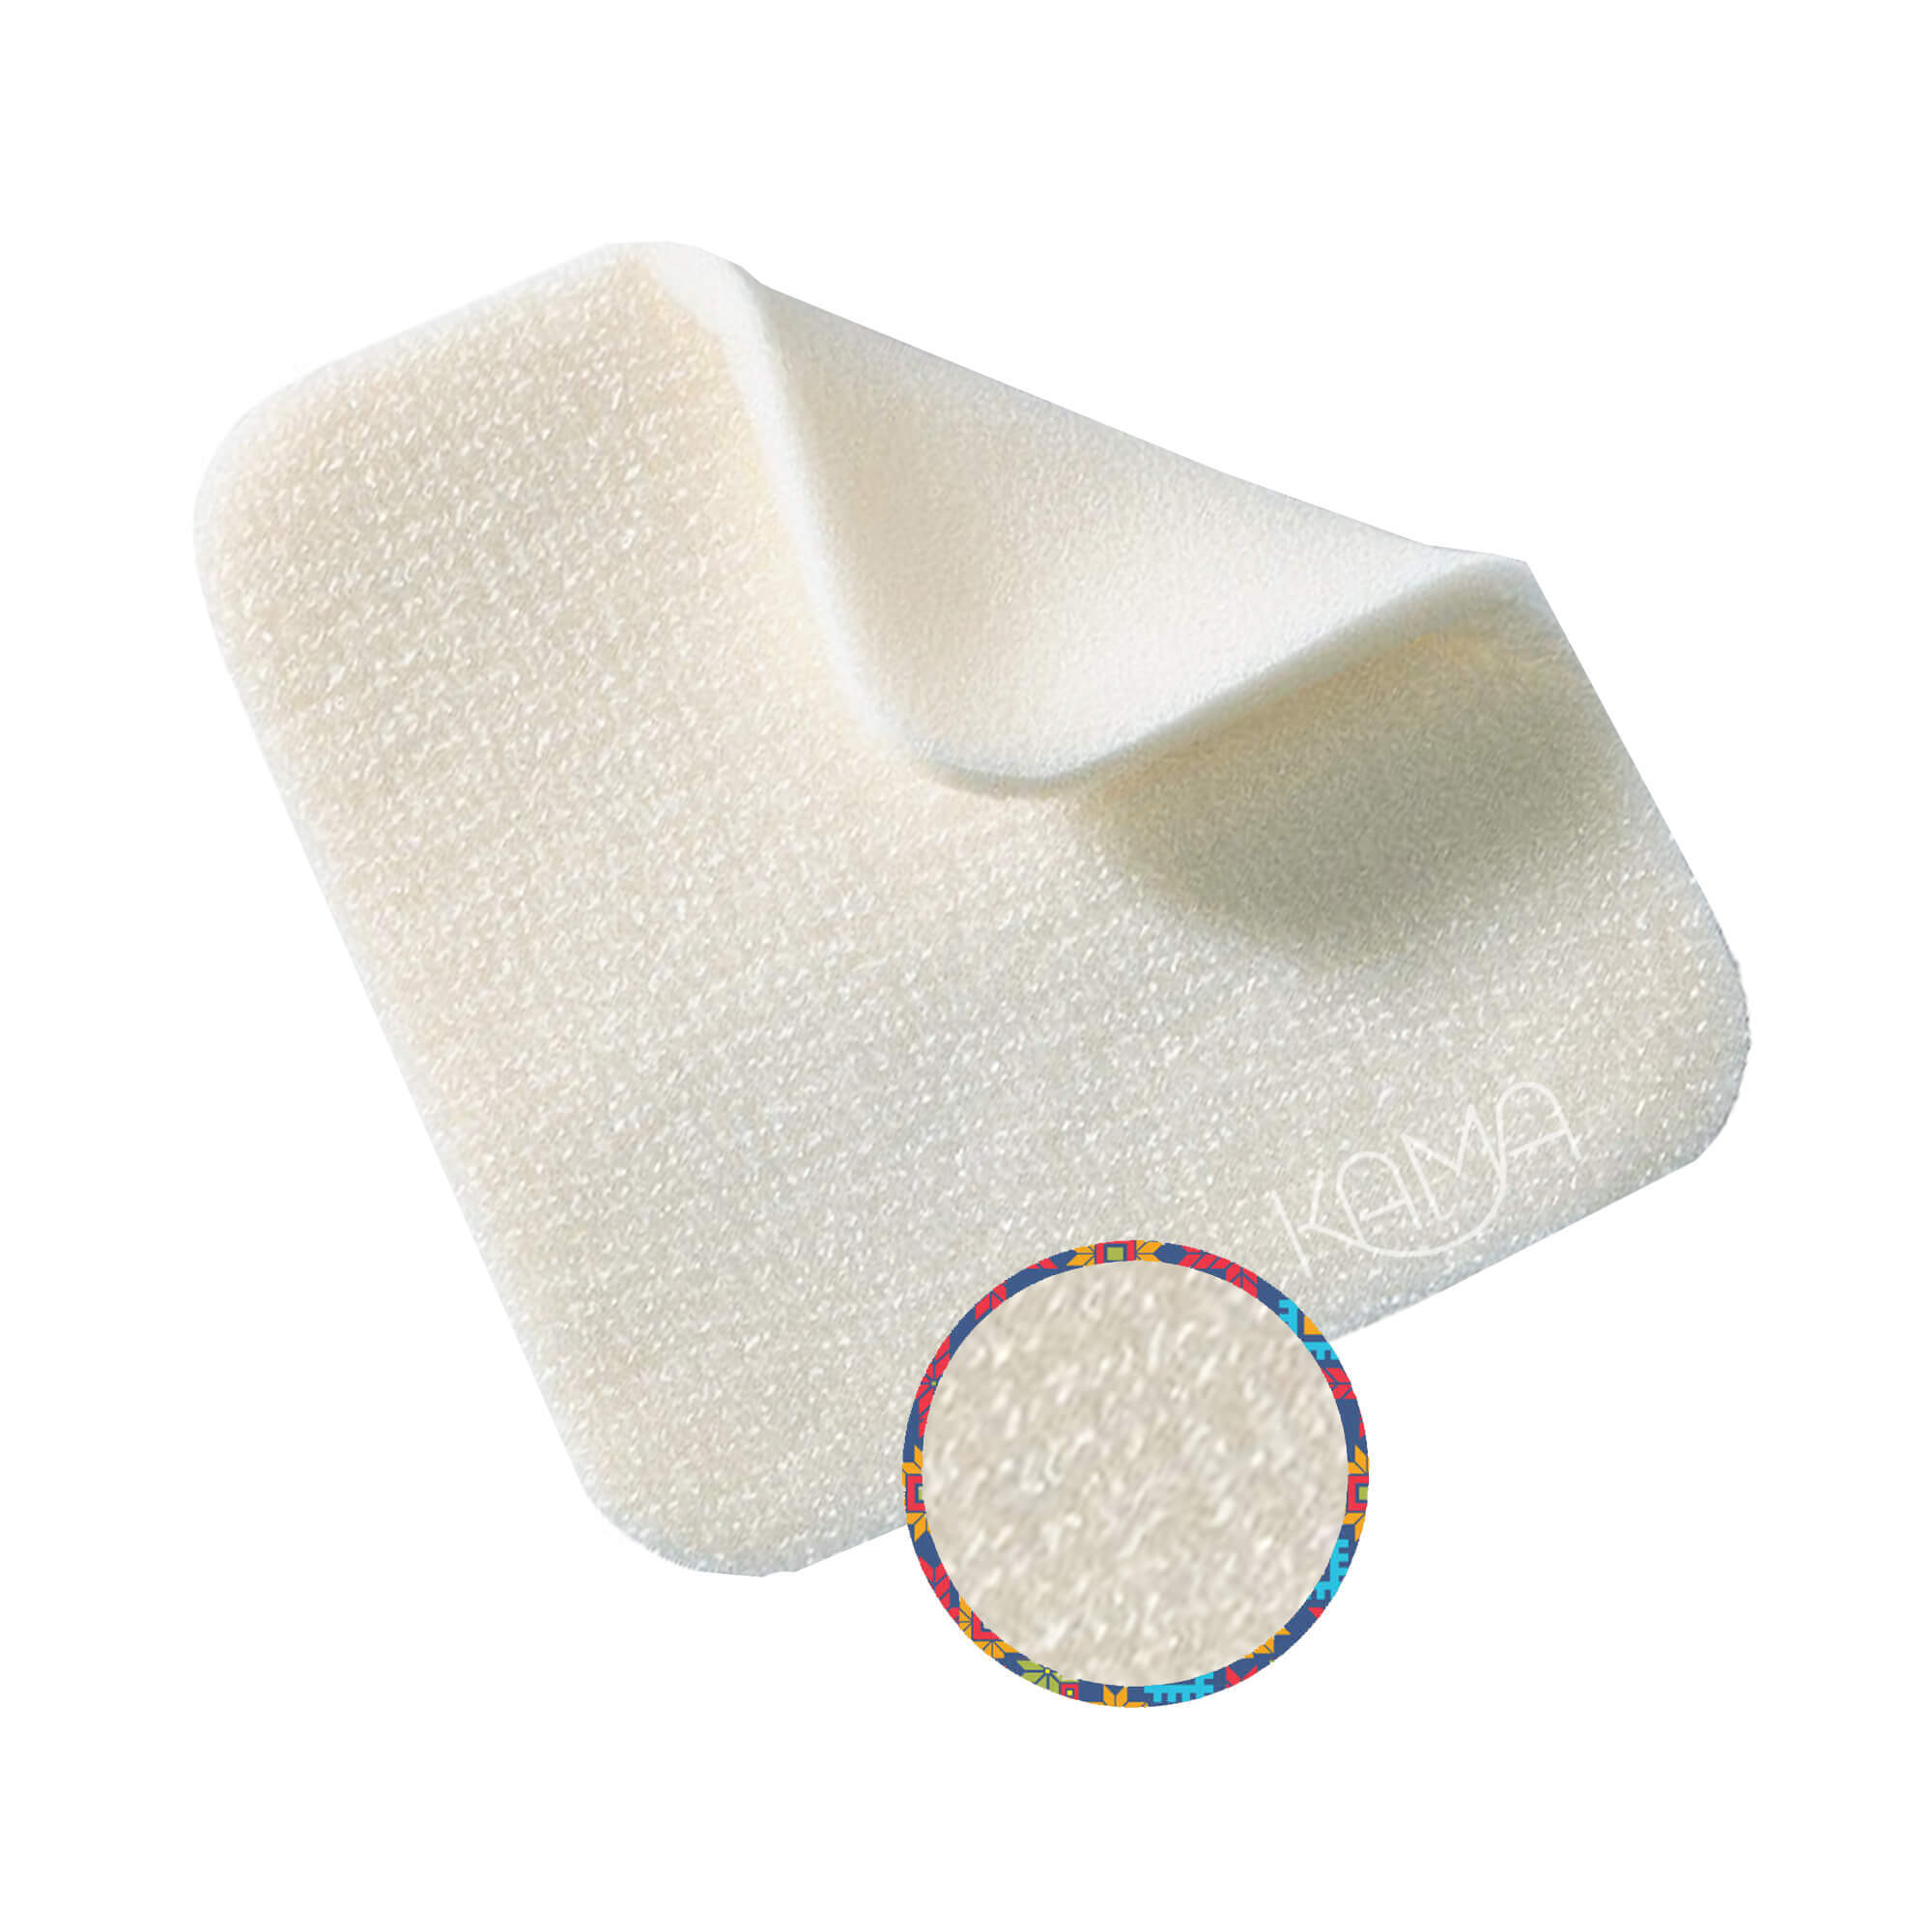 Повязка Мепилекс с силиконом 15х15 см